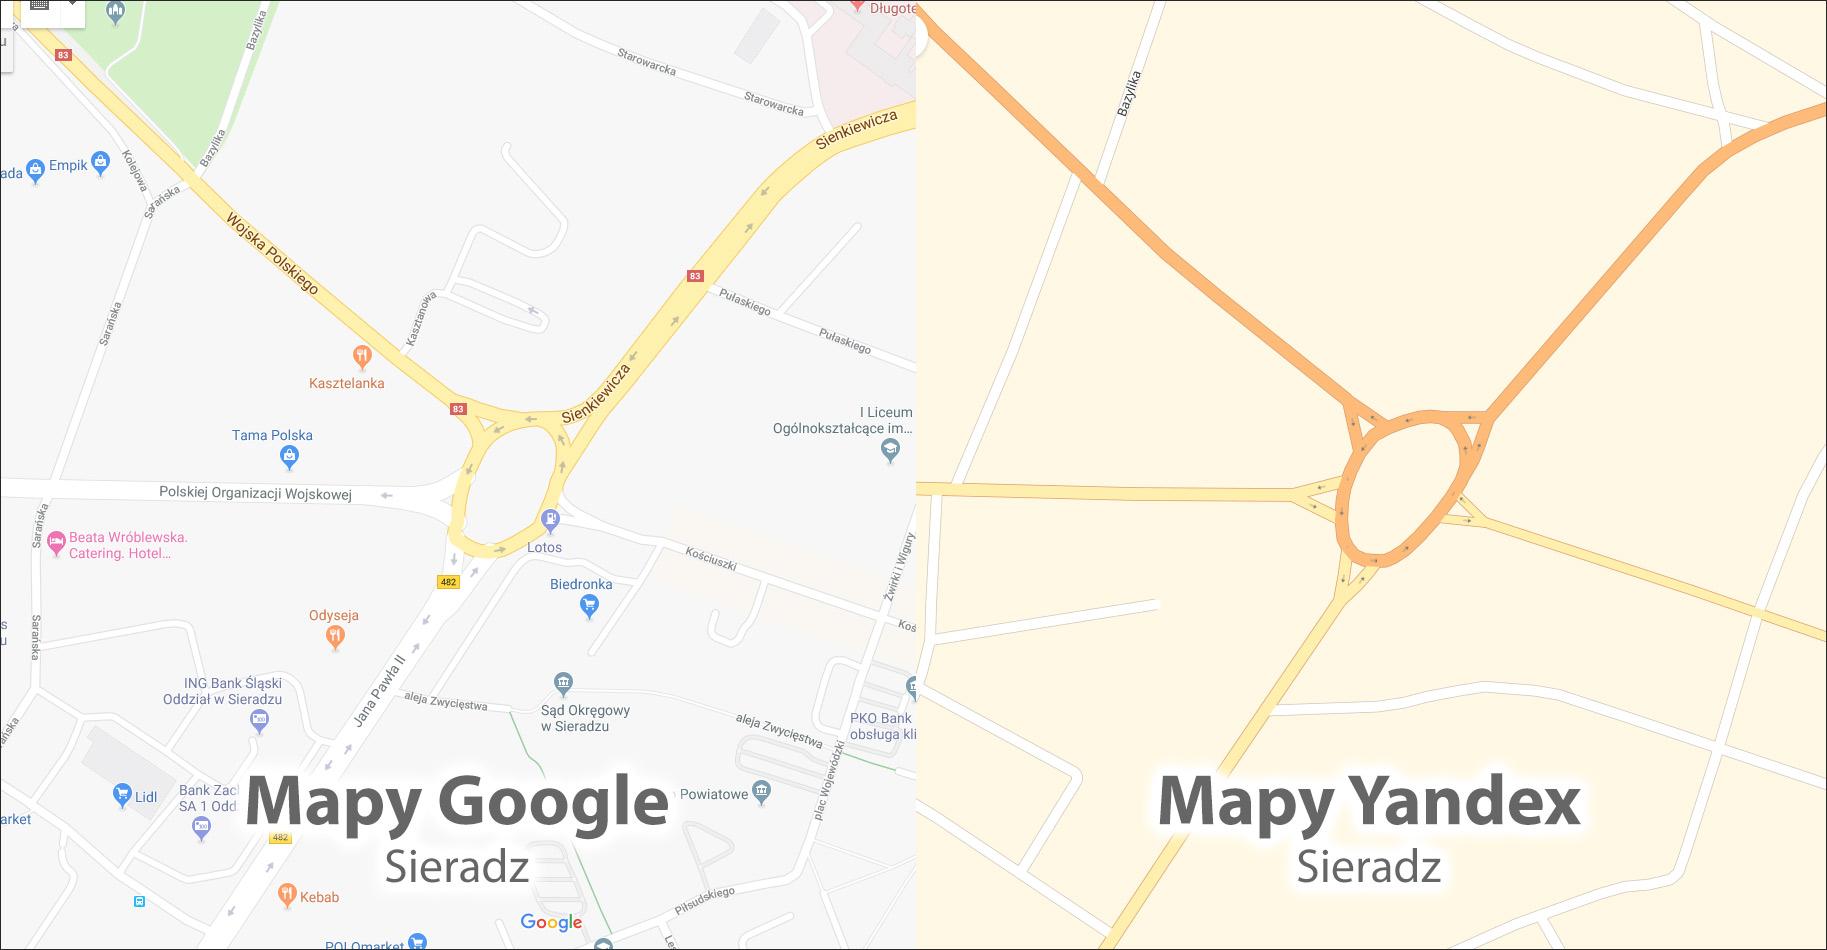 Mapy Yandex w Polsce